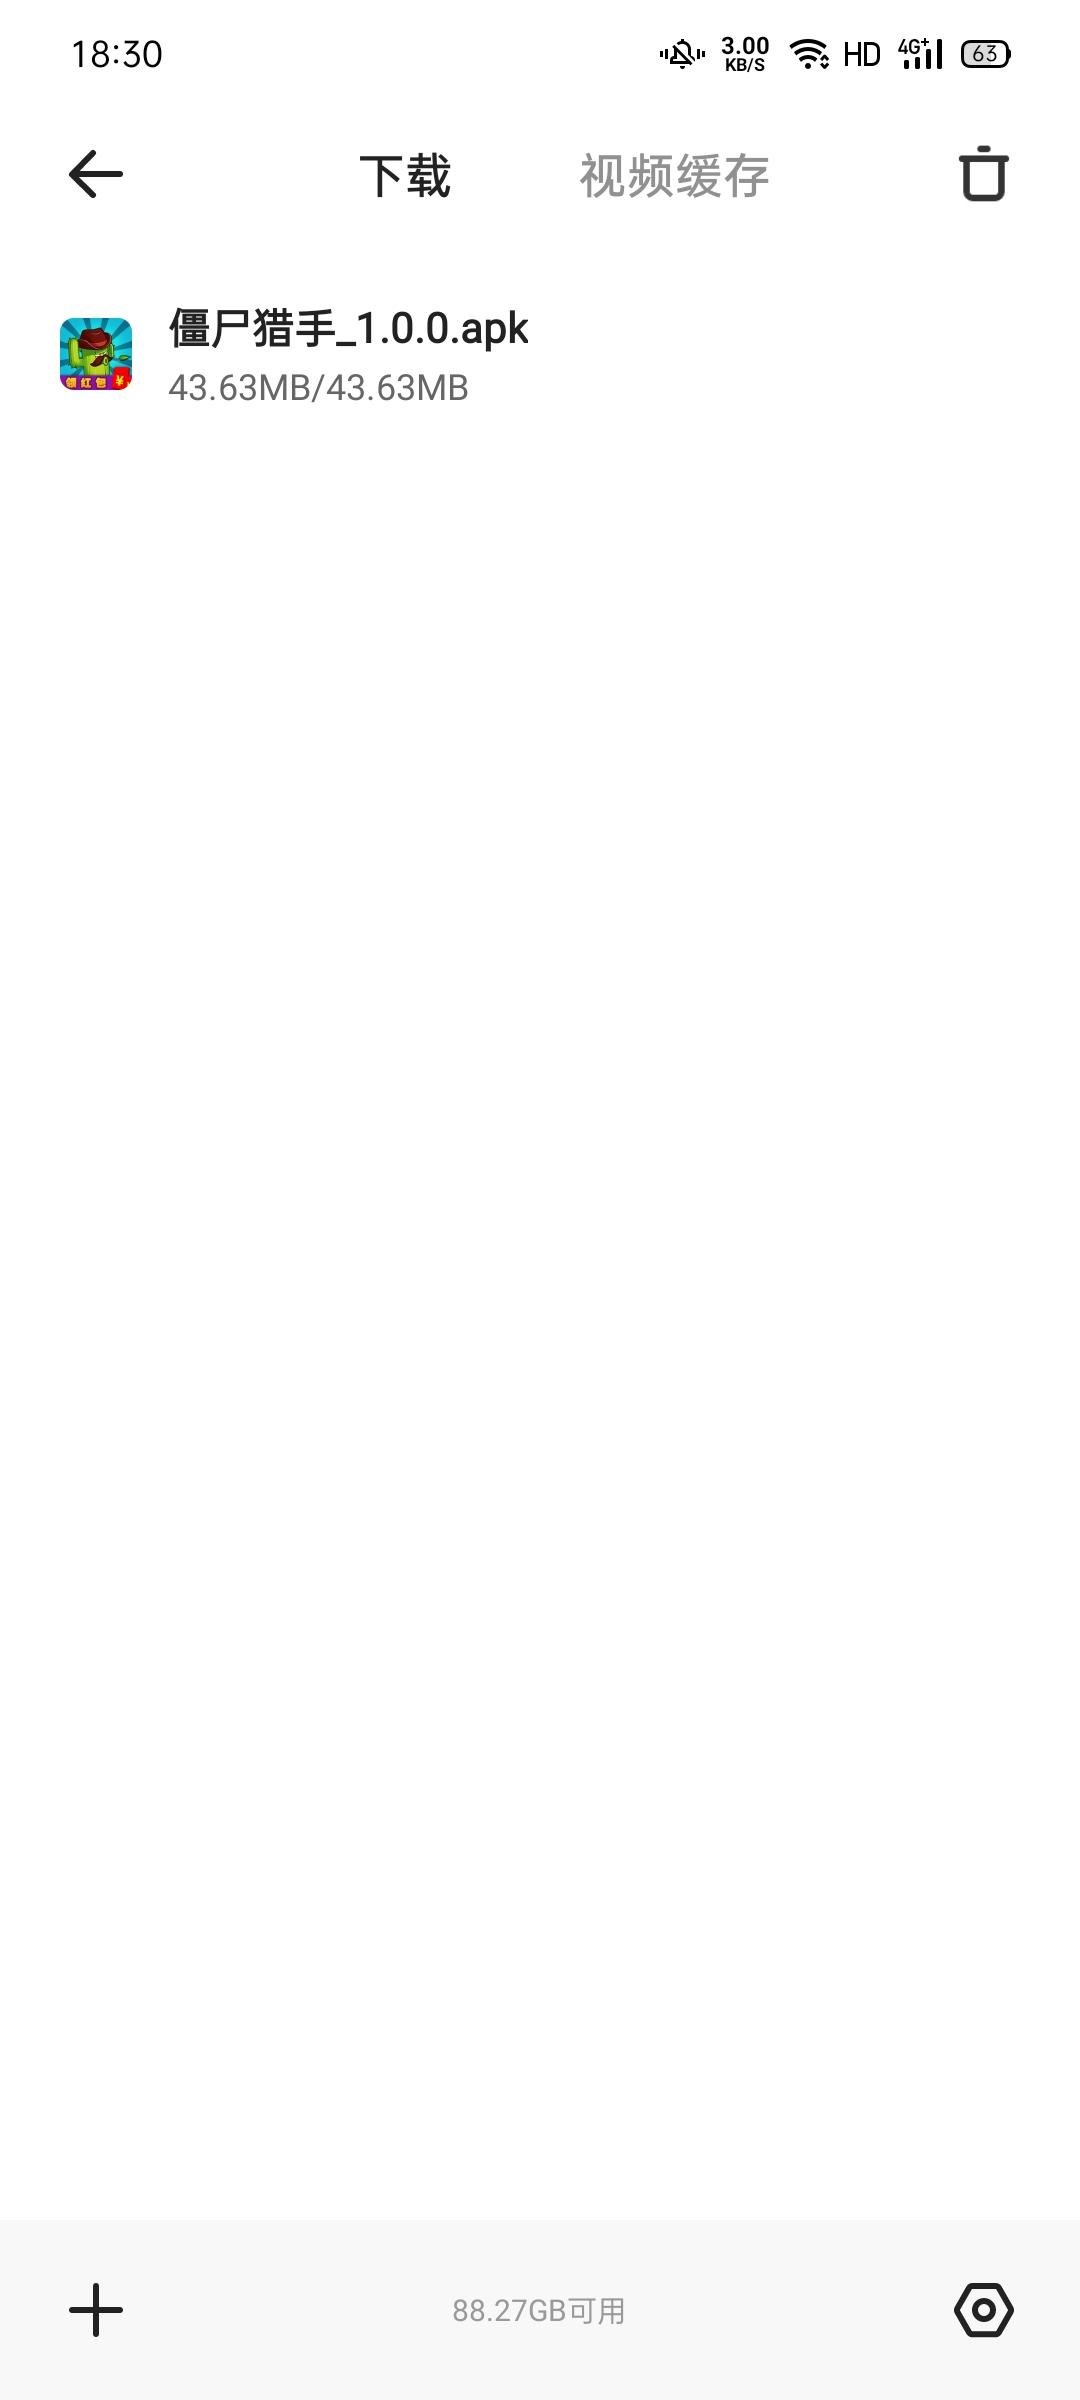 【现金红包】僵尸猎手合成3级植物提现0.3r